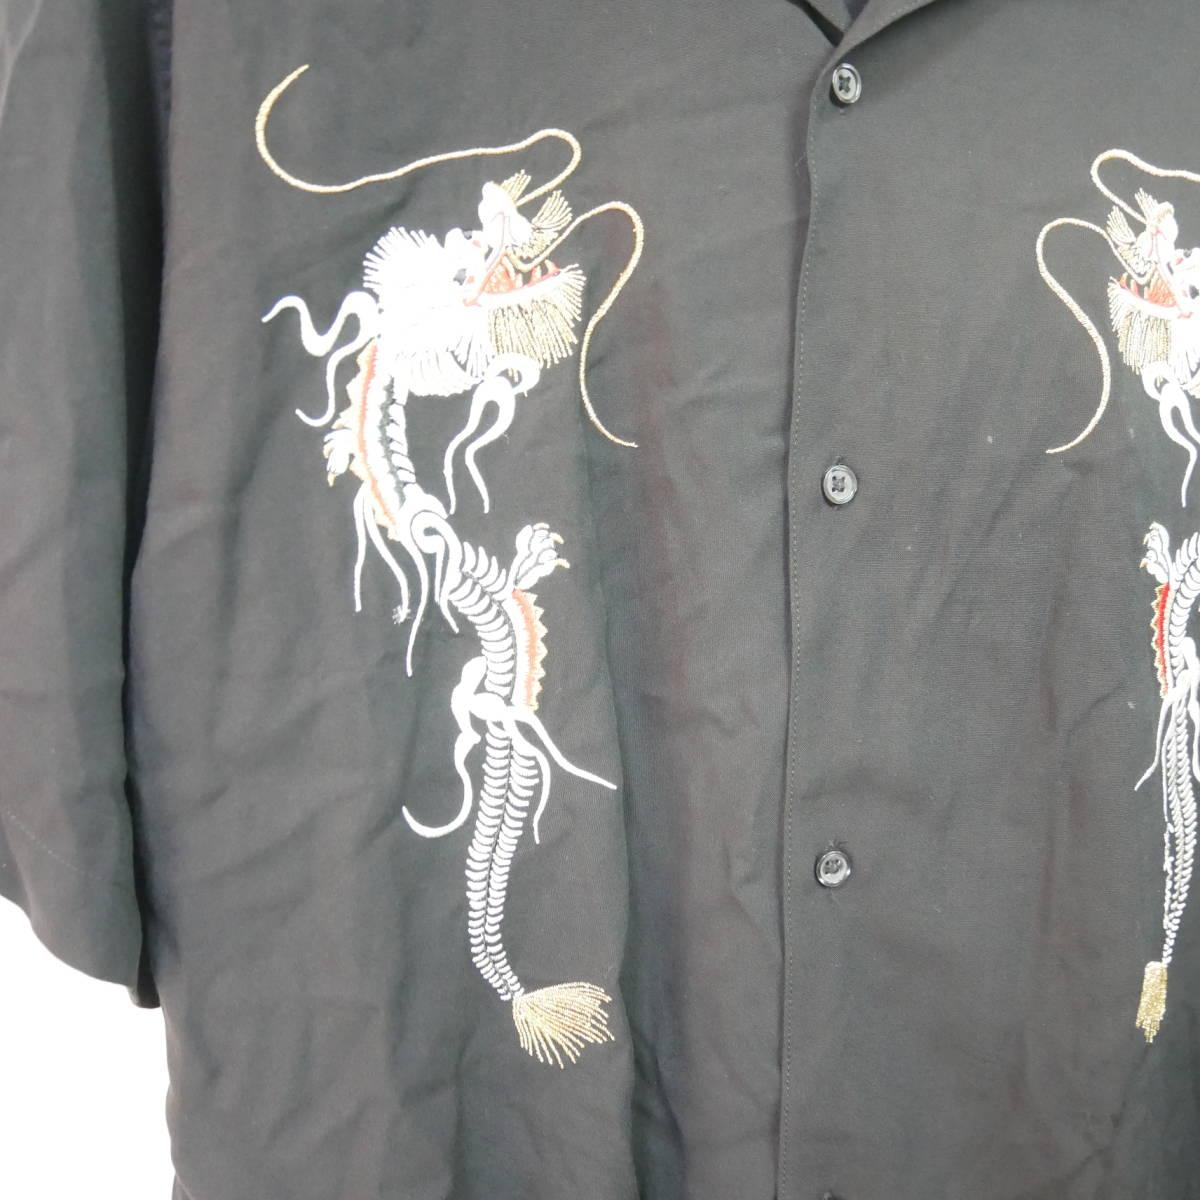 【1円】良好 国内正規 Supreme 18AW 18FW Dragon Rayon Shirt ドラゴンレーヨンシャツ Black 黒 XL_画像3